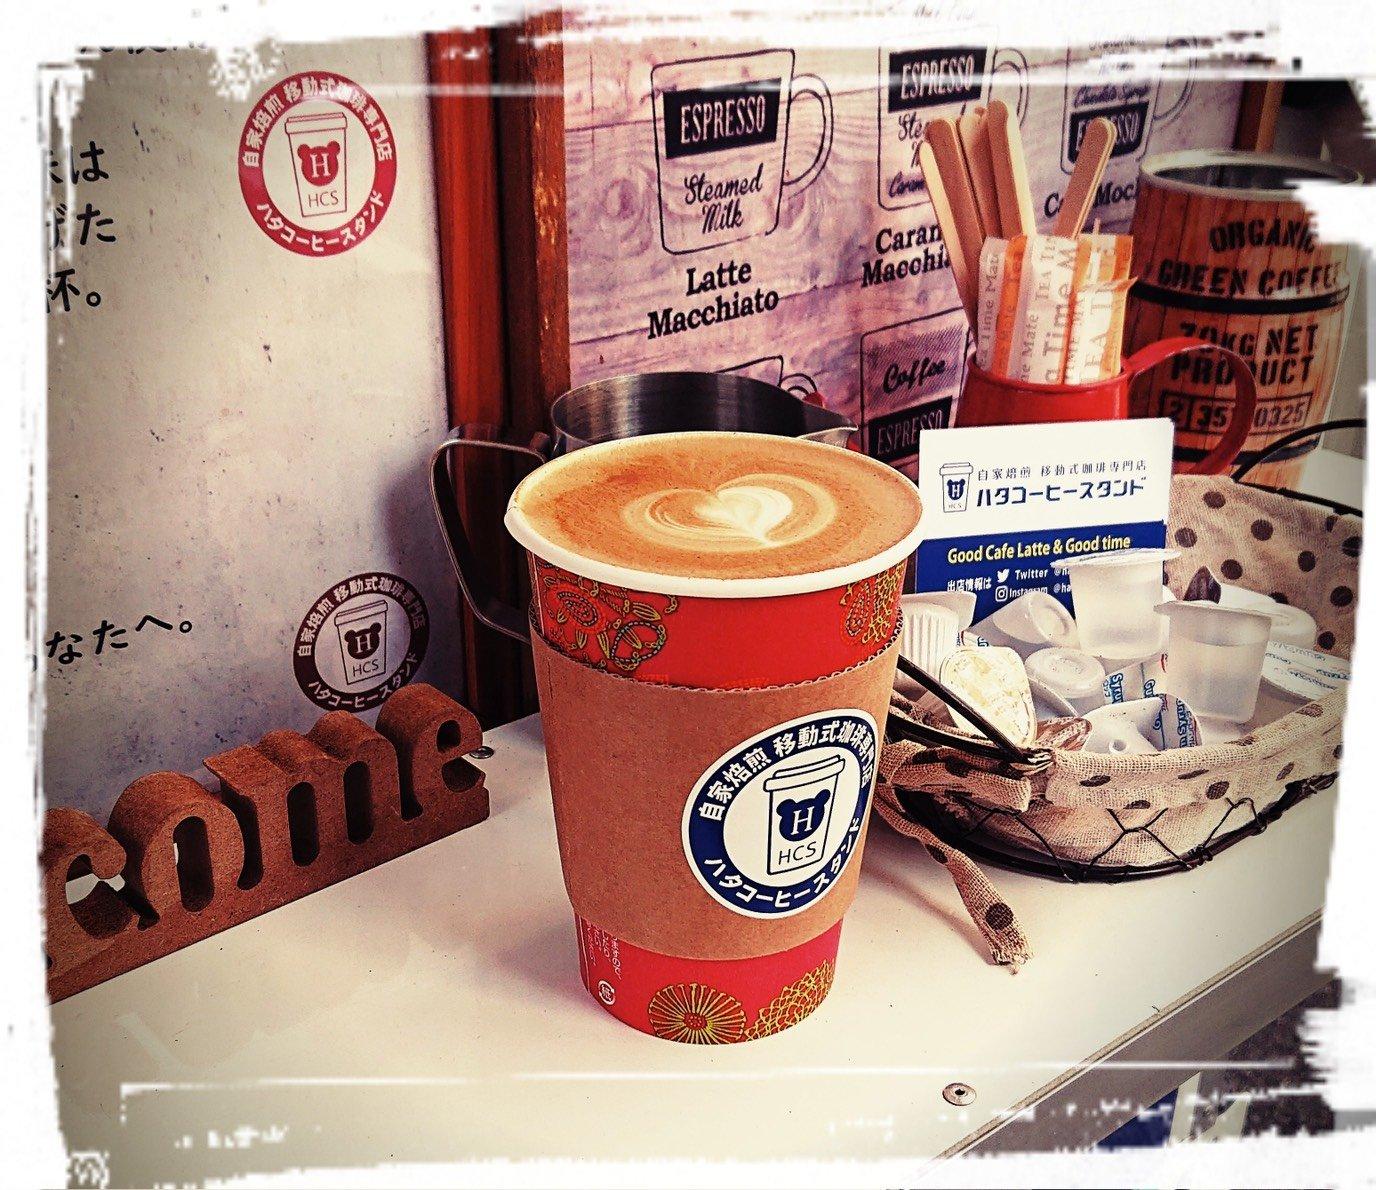 自家焙煎コーヒー カフェラテのケータリング 100杯分チケット(東京・神奈川・埼玉・千葉限定)のイメージその2